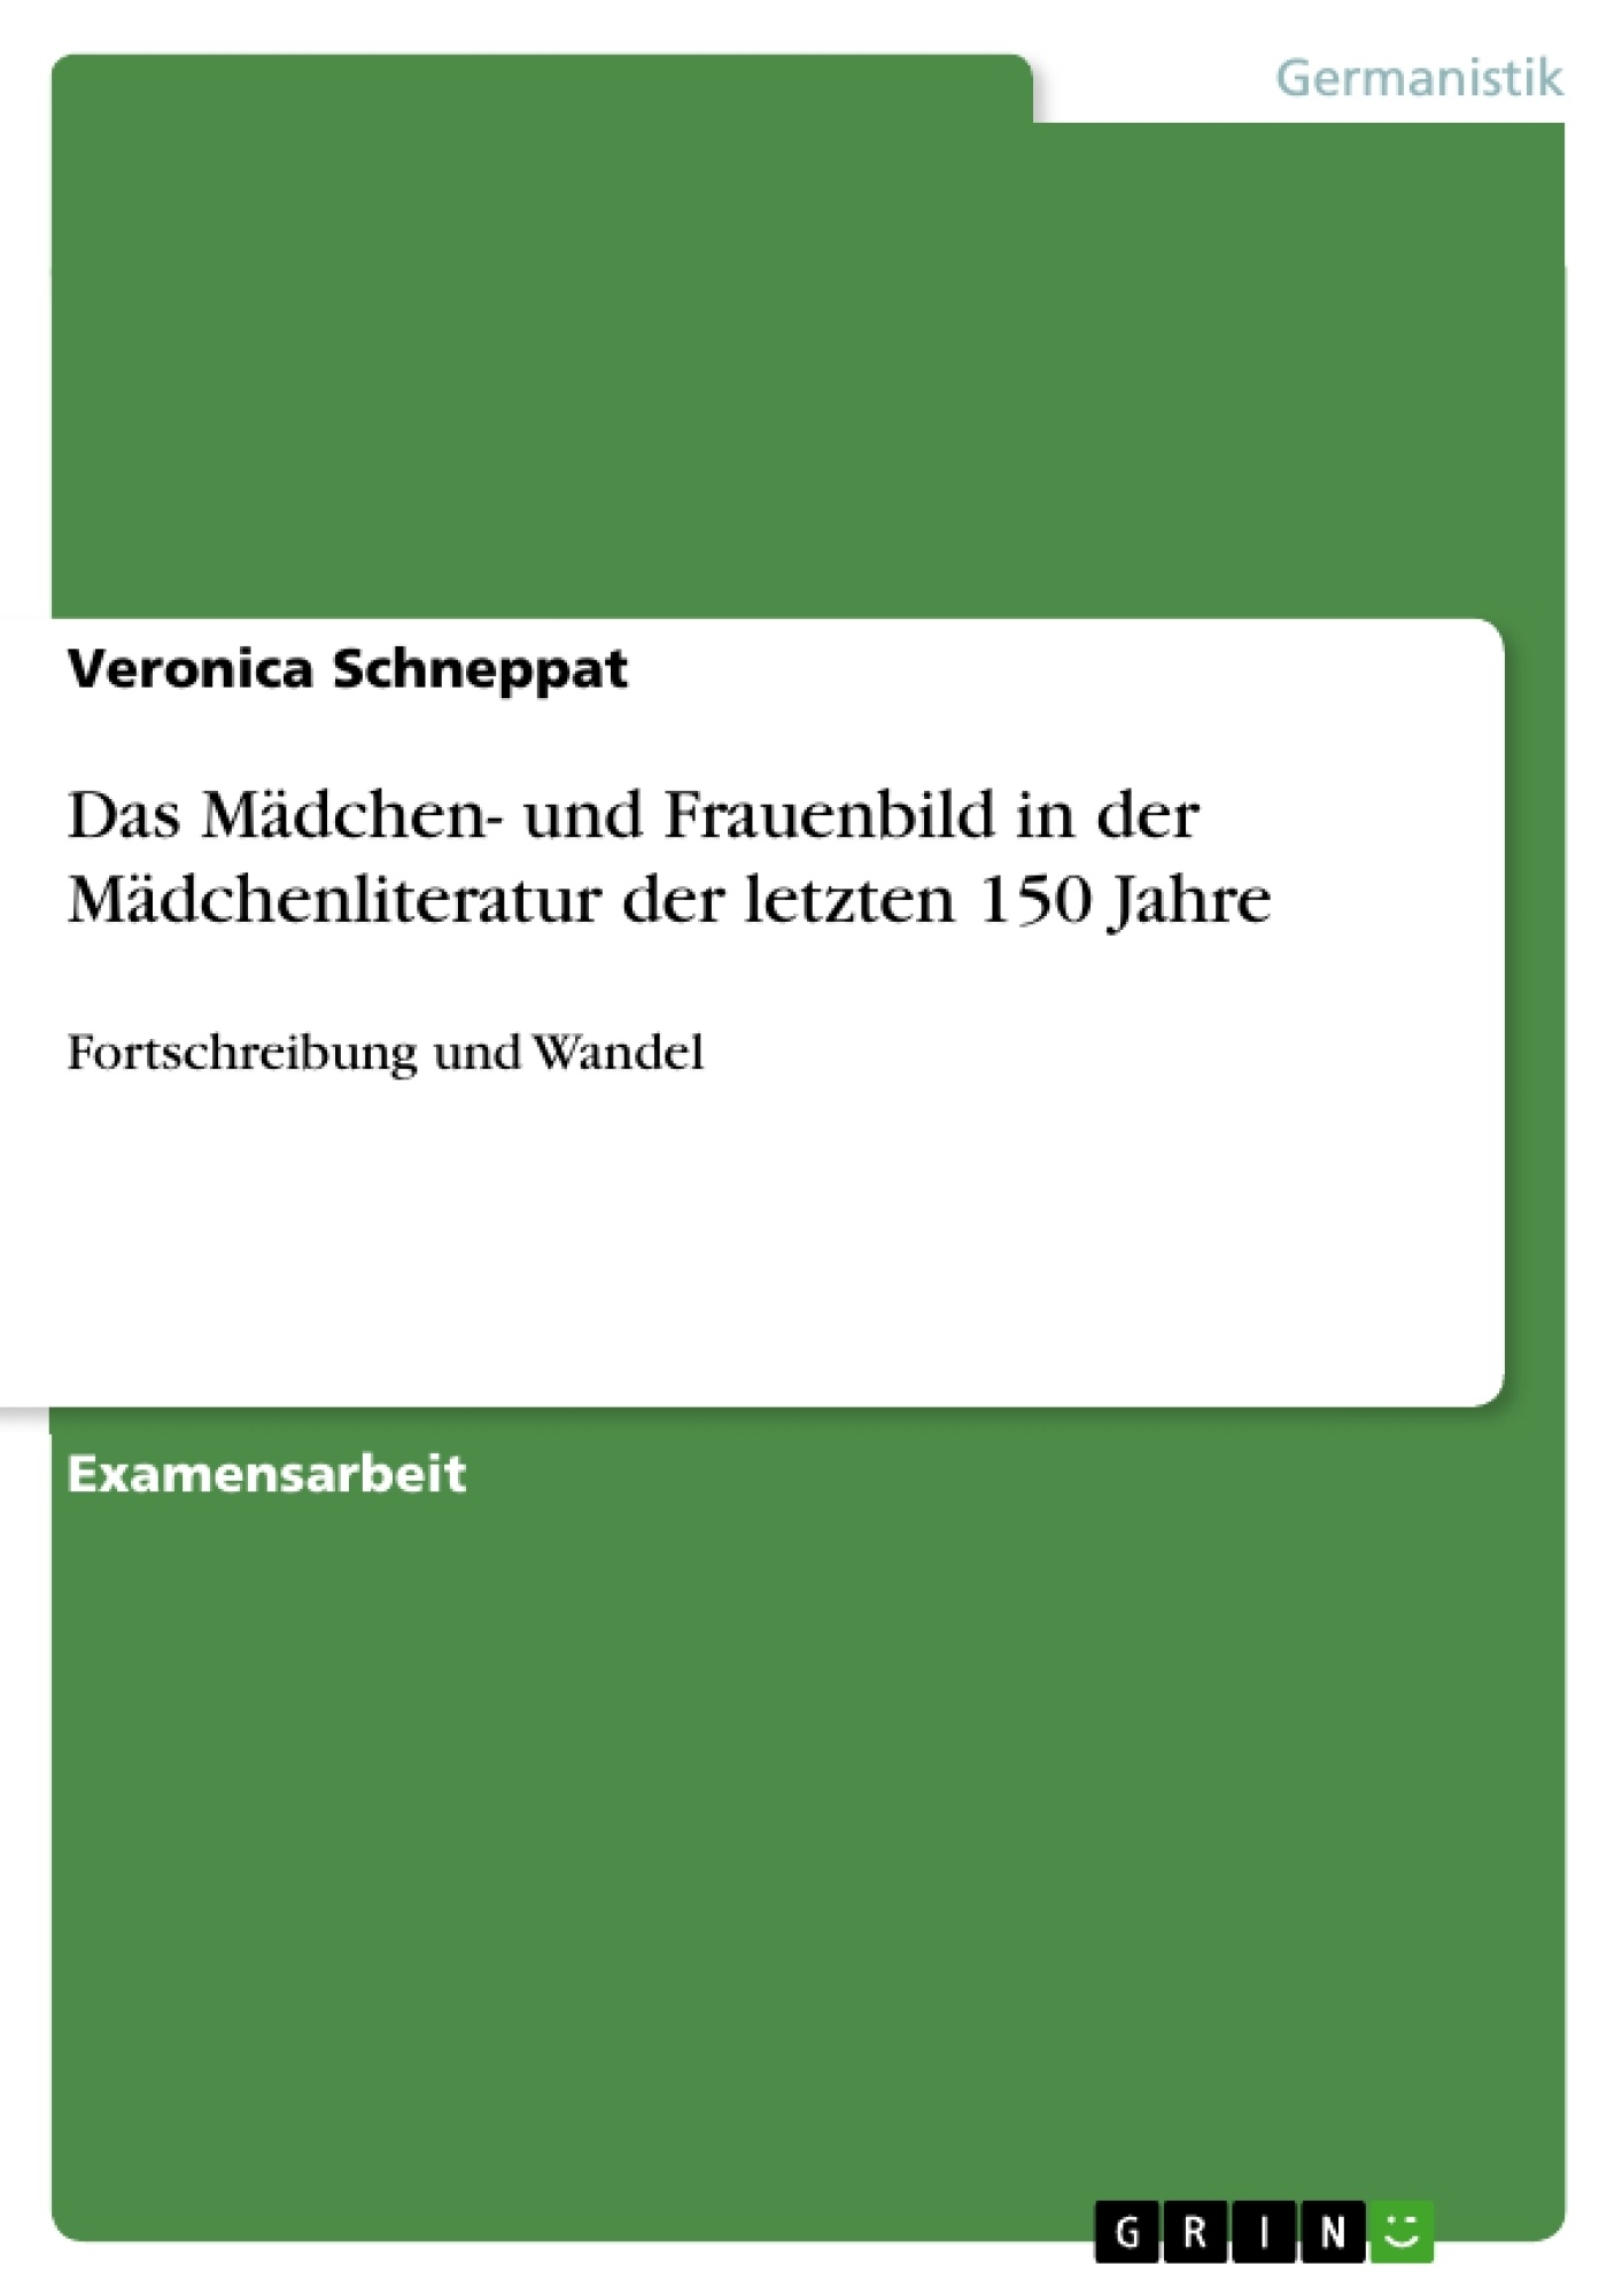 Titel: Das Mädchen- und Frauenbild in der Mädchenliteratur der letzten 150 Jahre